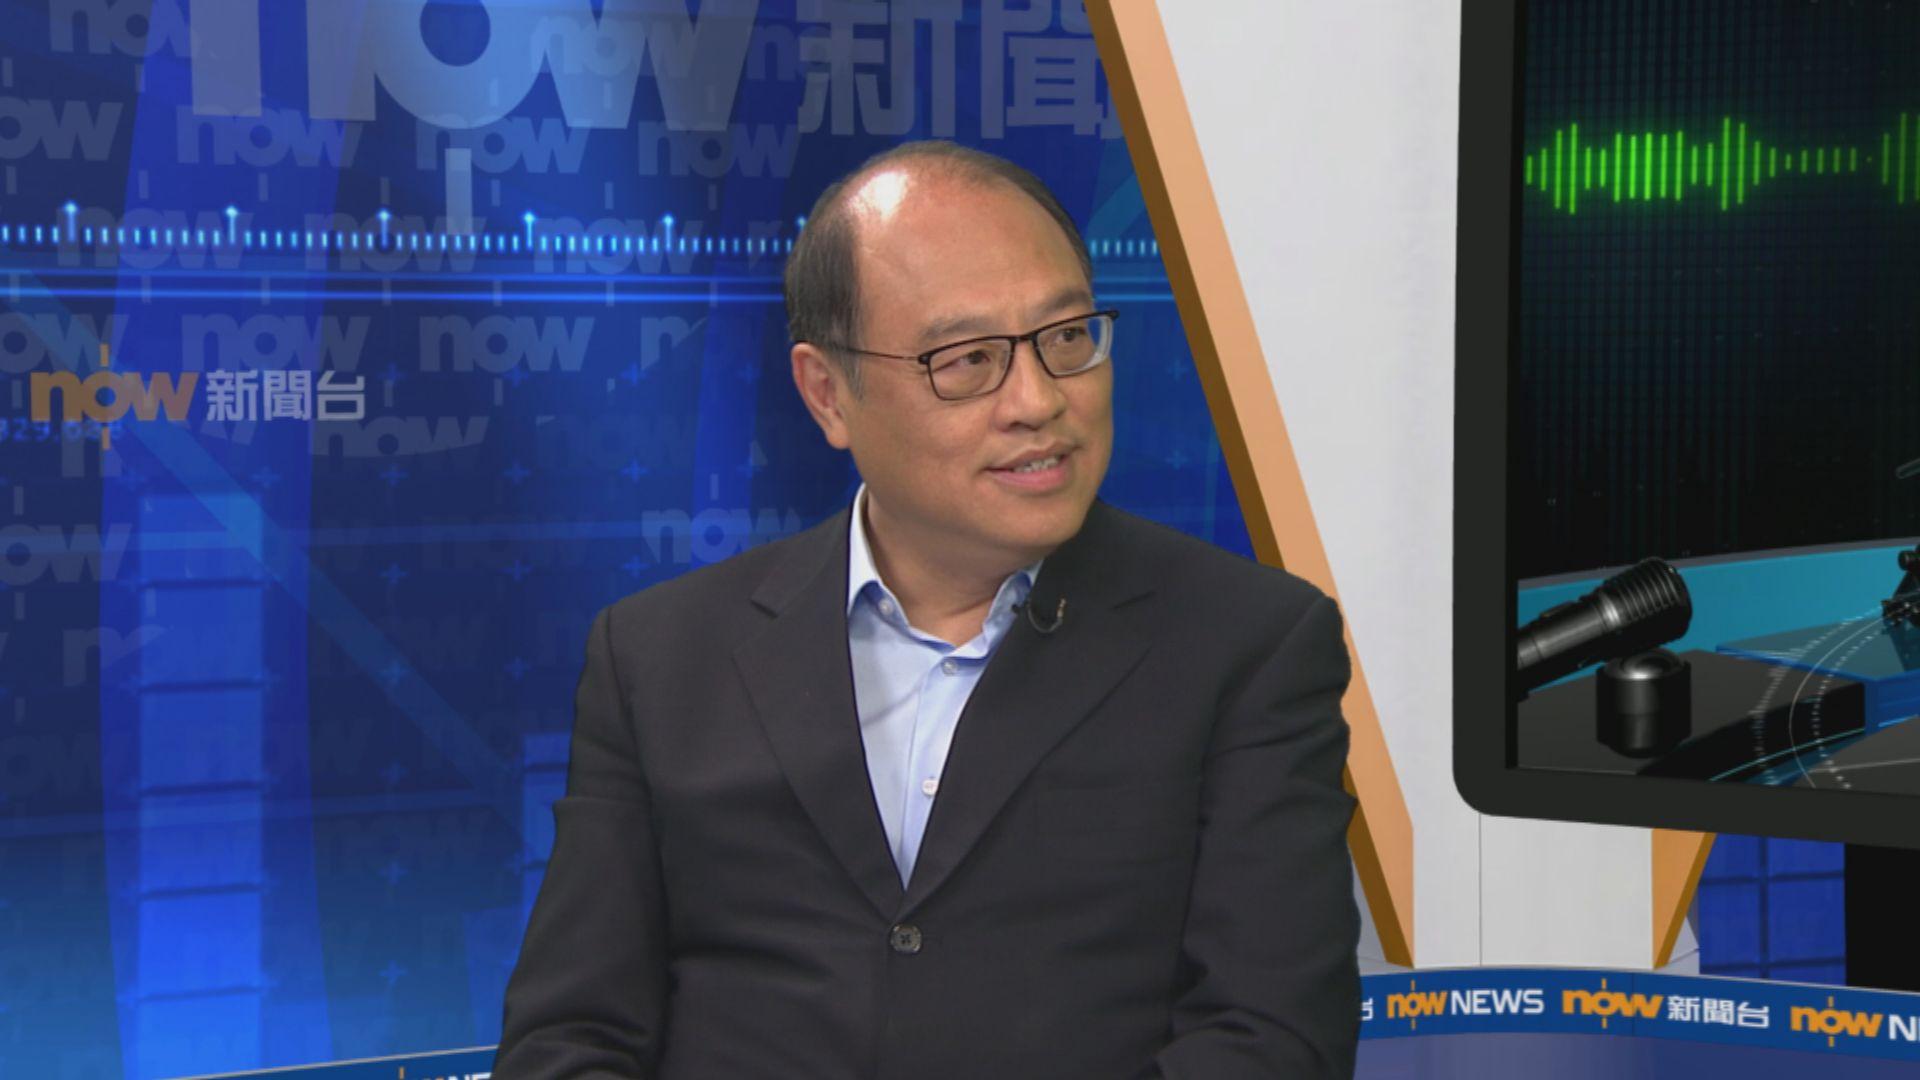 林大輝對港台屢違守則感遺憾 促優化監管機制